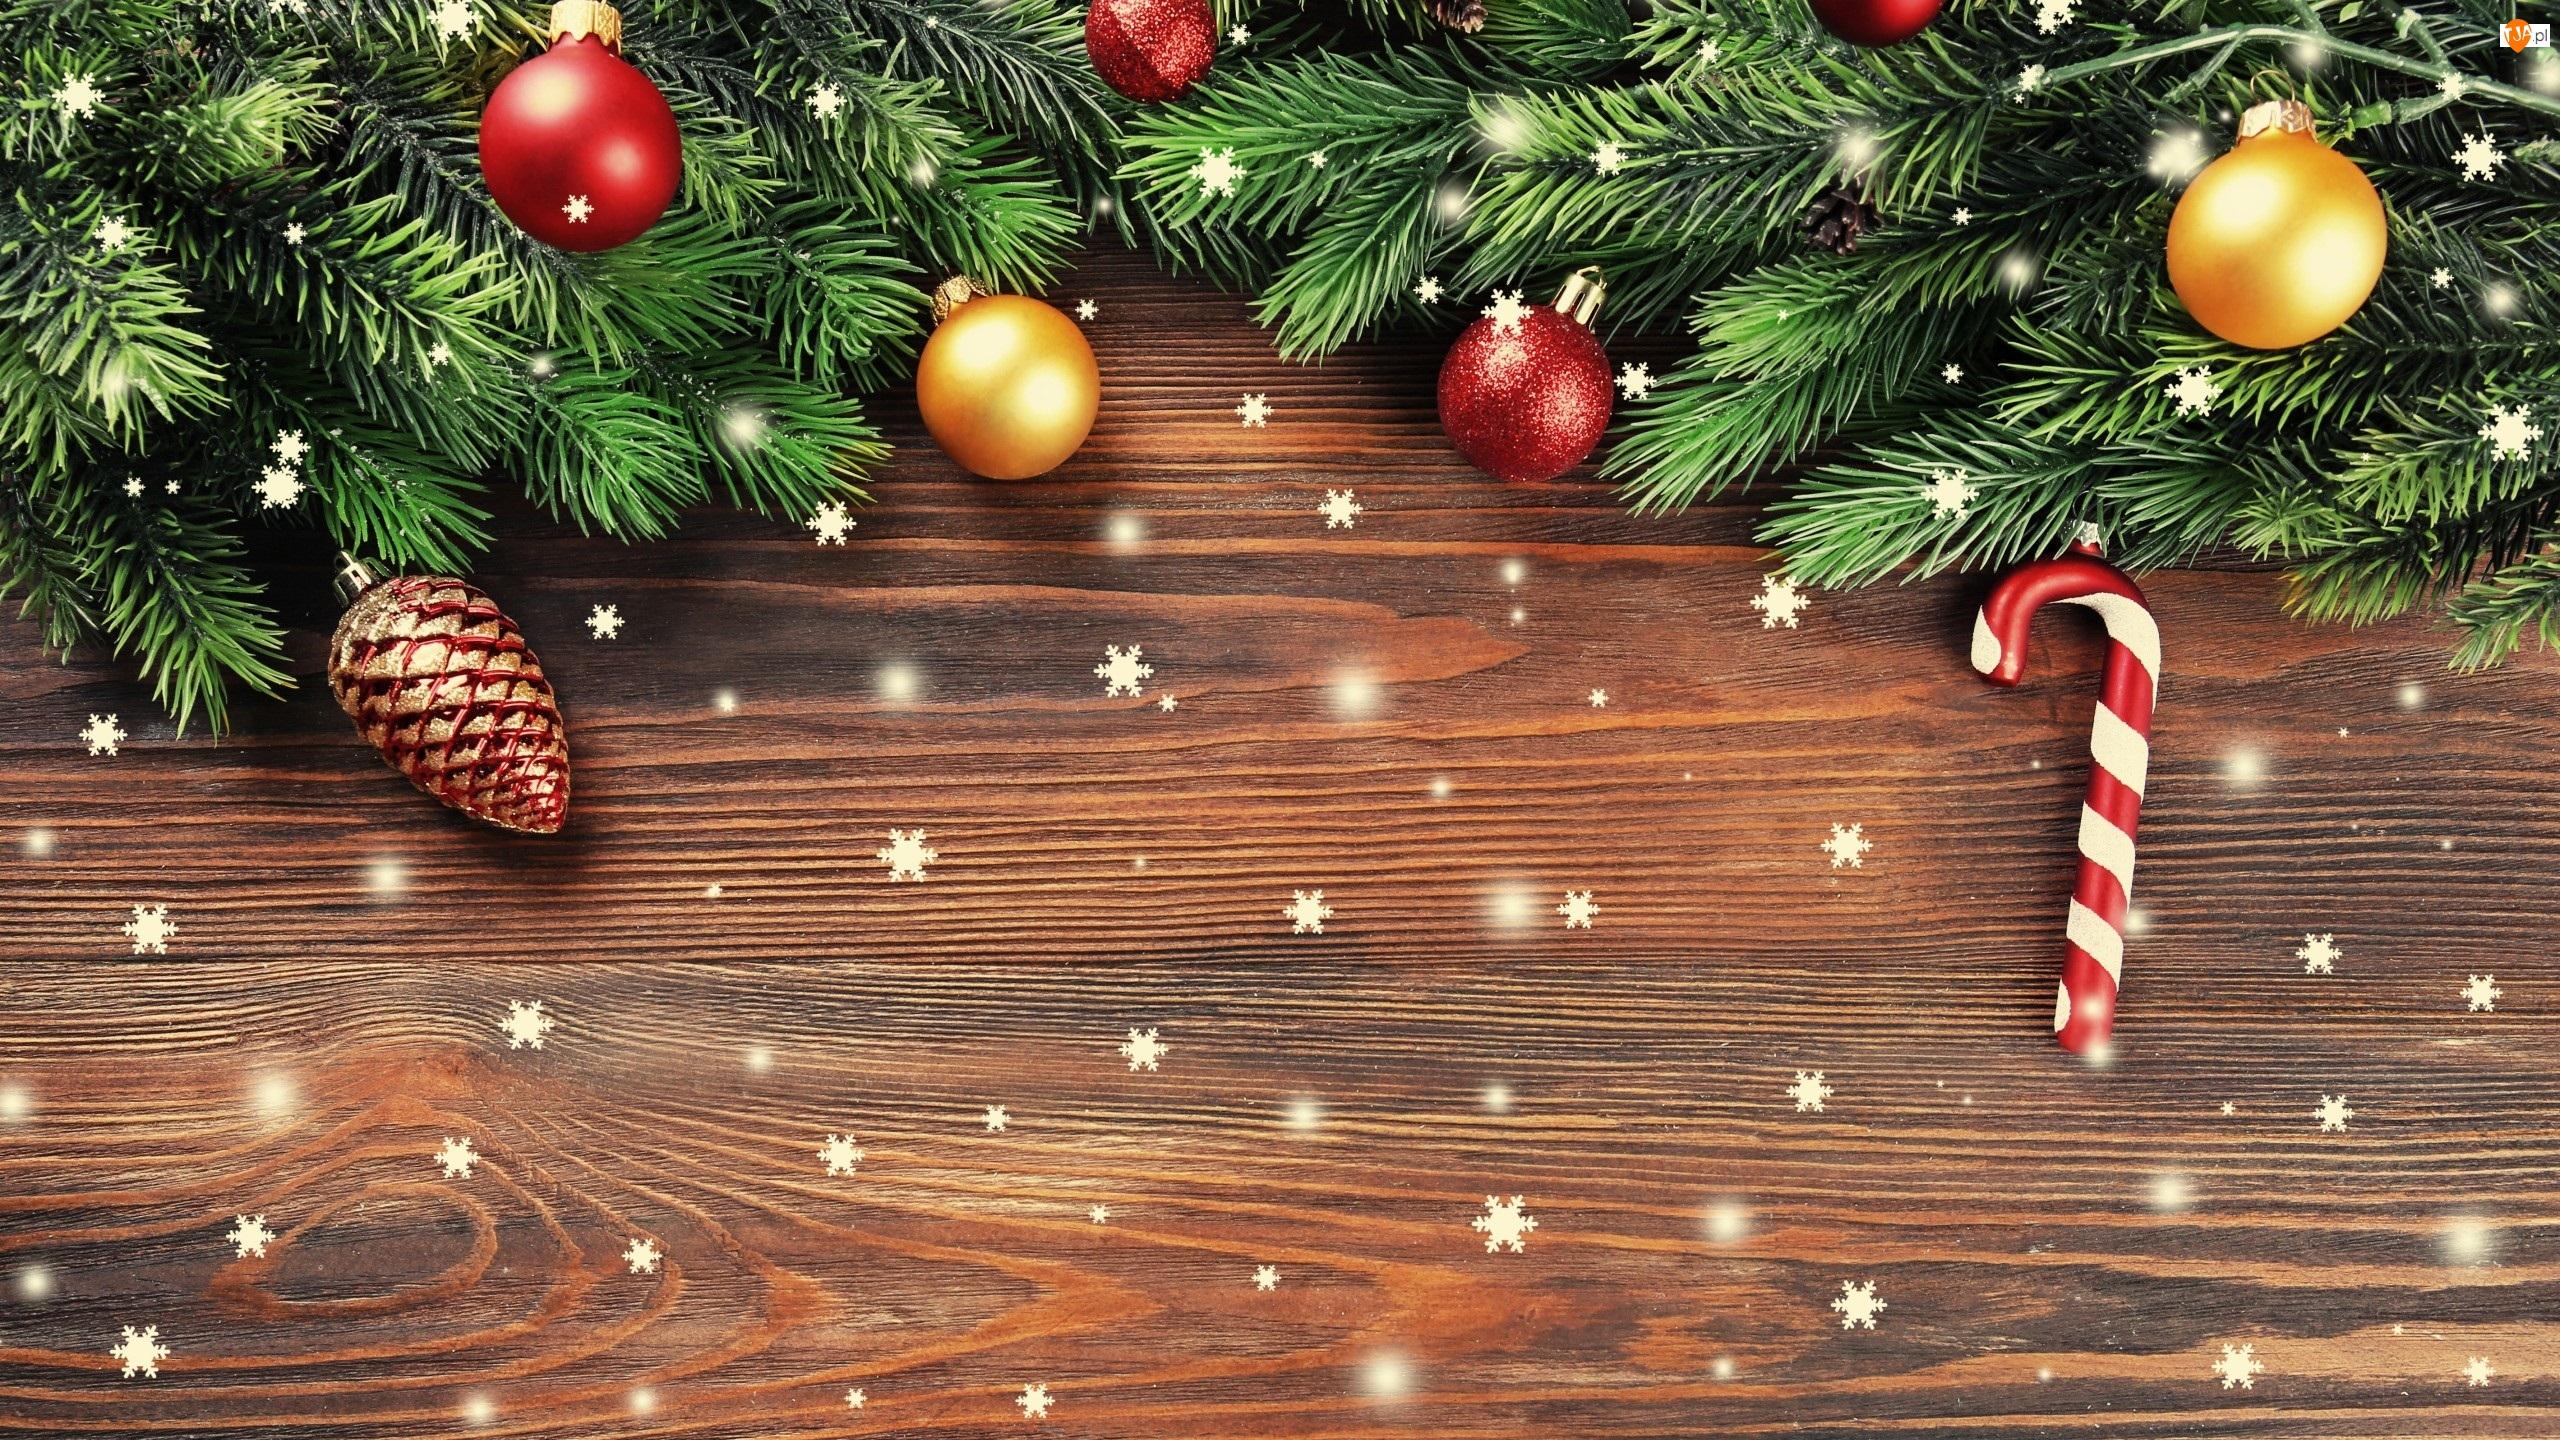 Szyszka, Boże Narodzenie, Gałązki, Bombki